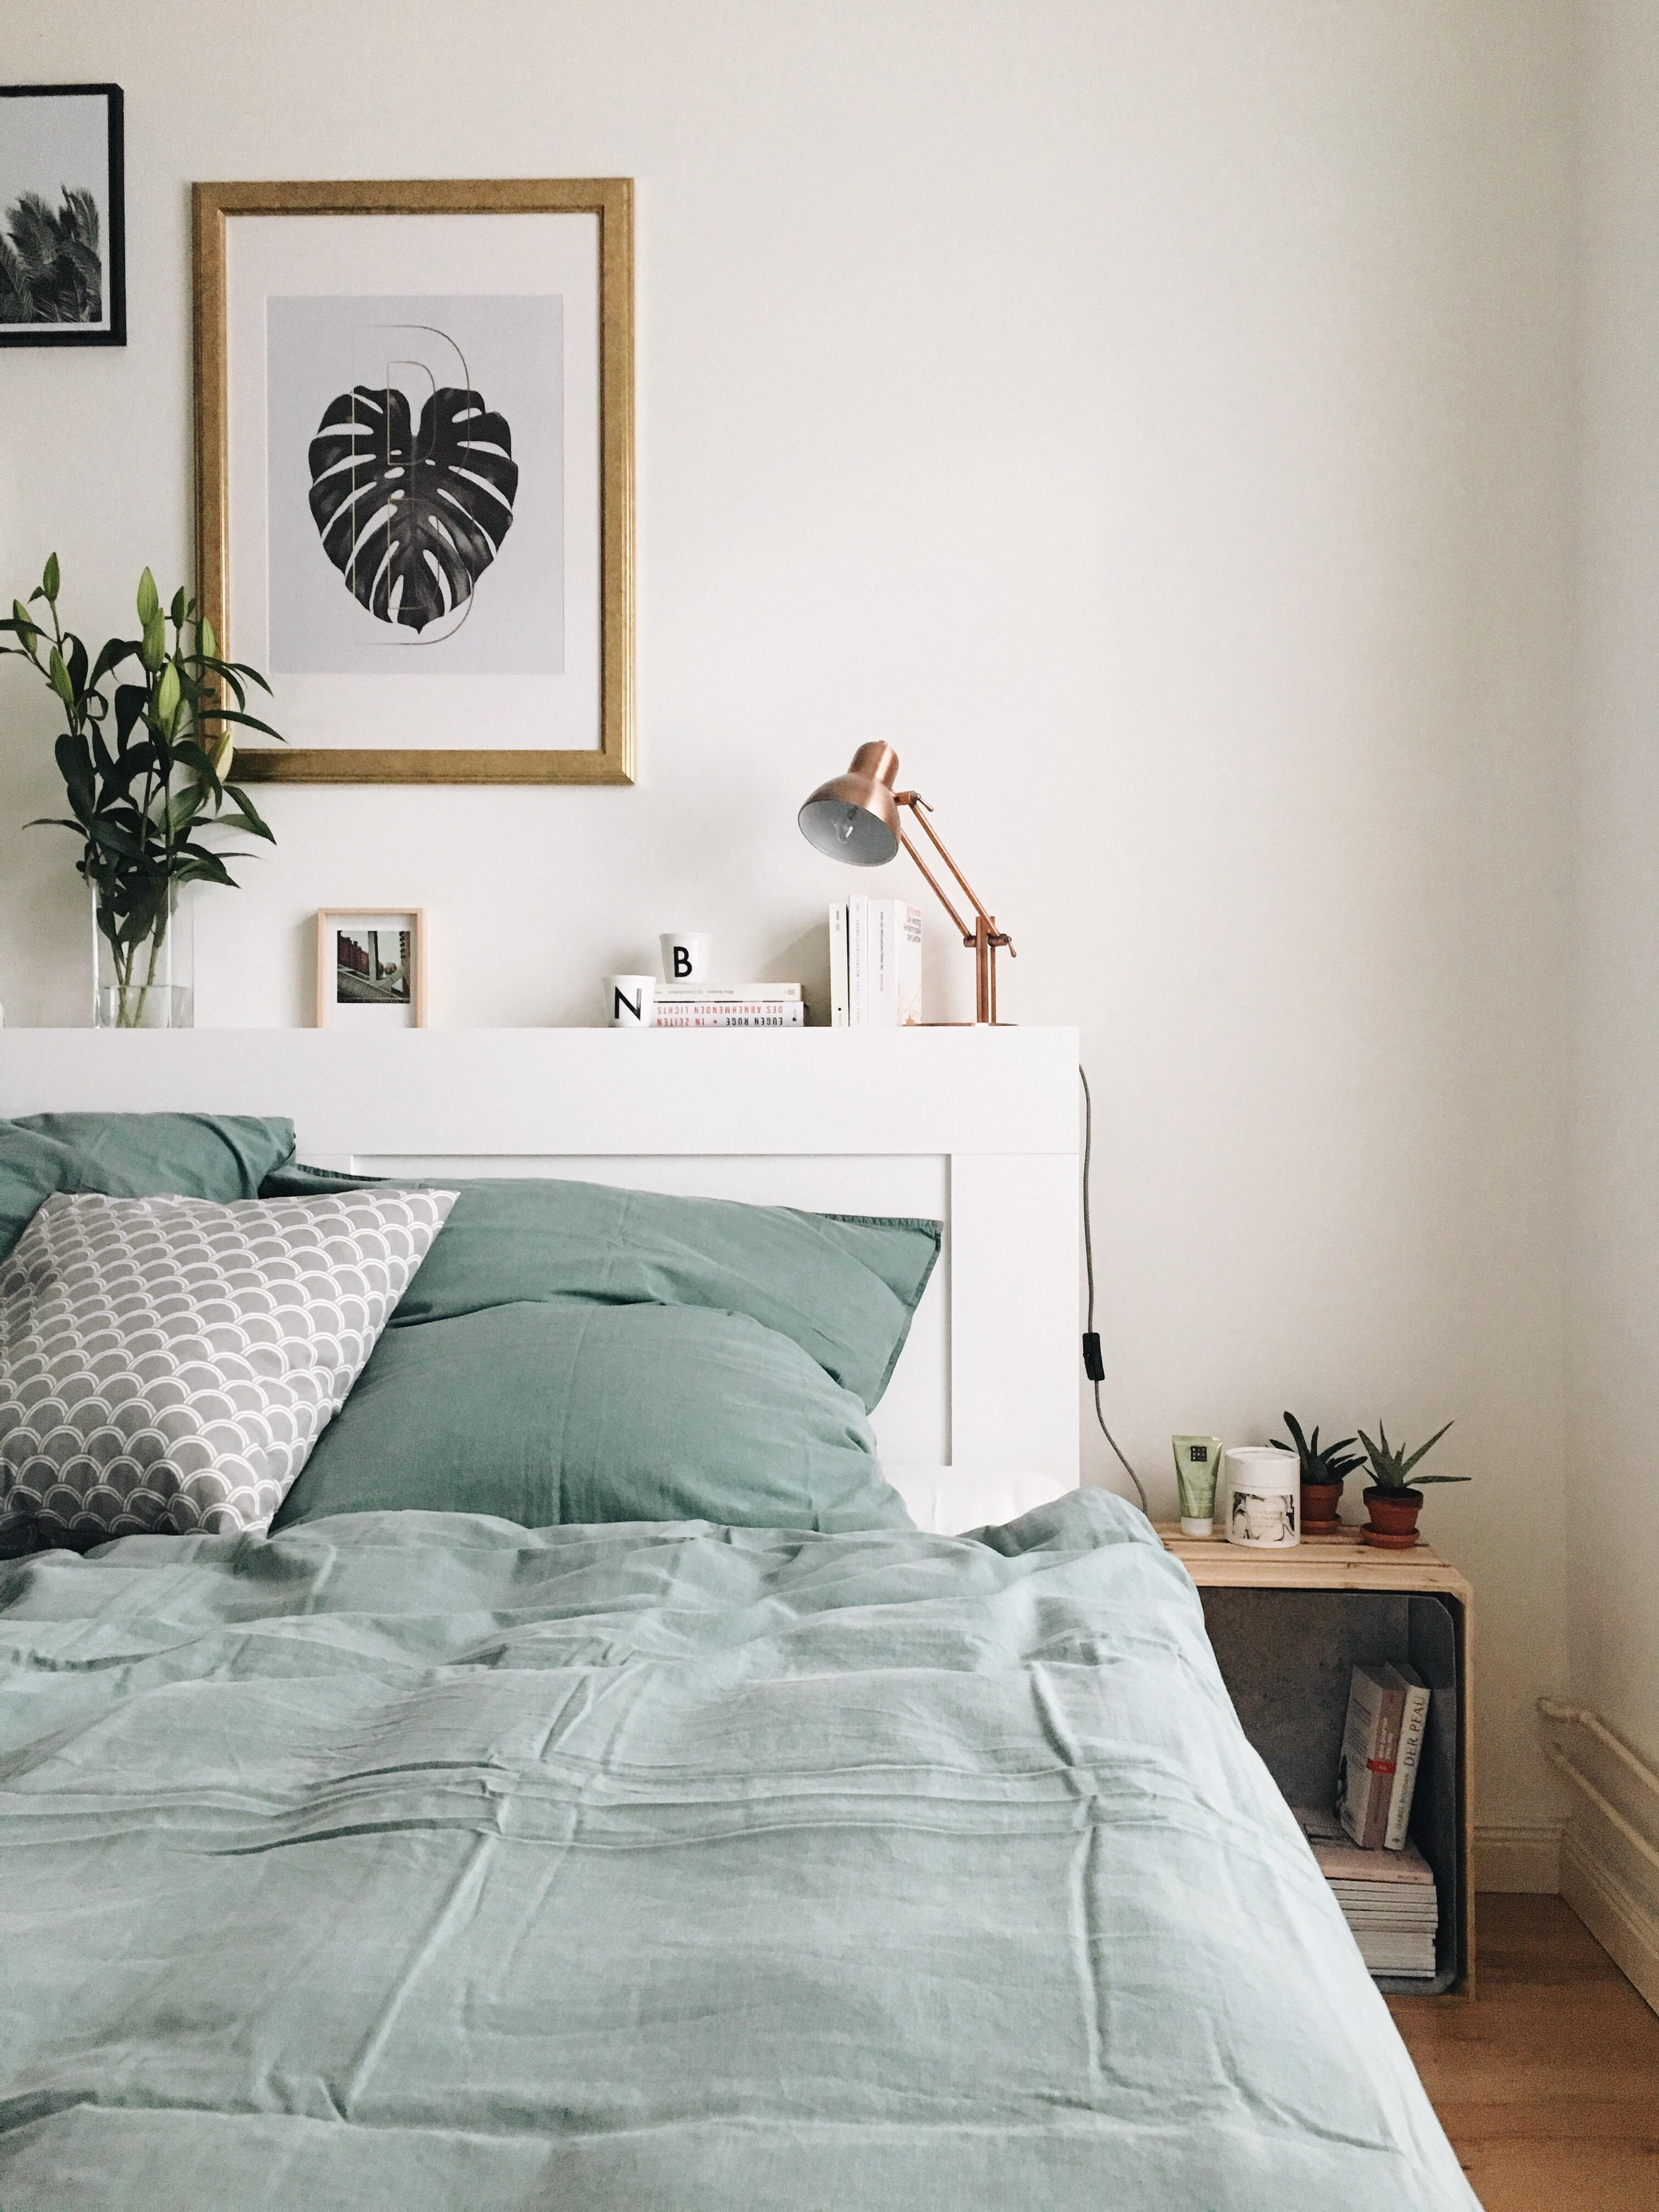 Der Schönste Ort Der Welt Ab In Die Falle Vondir - Schonste schlafzimmer